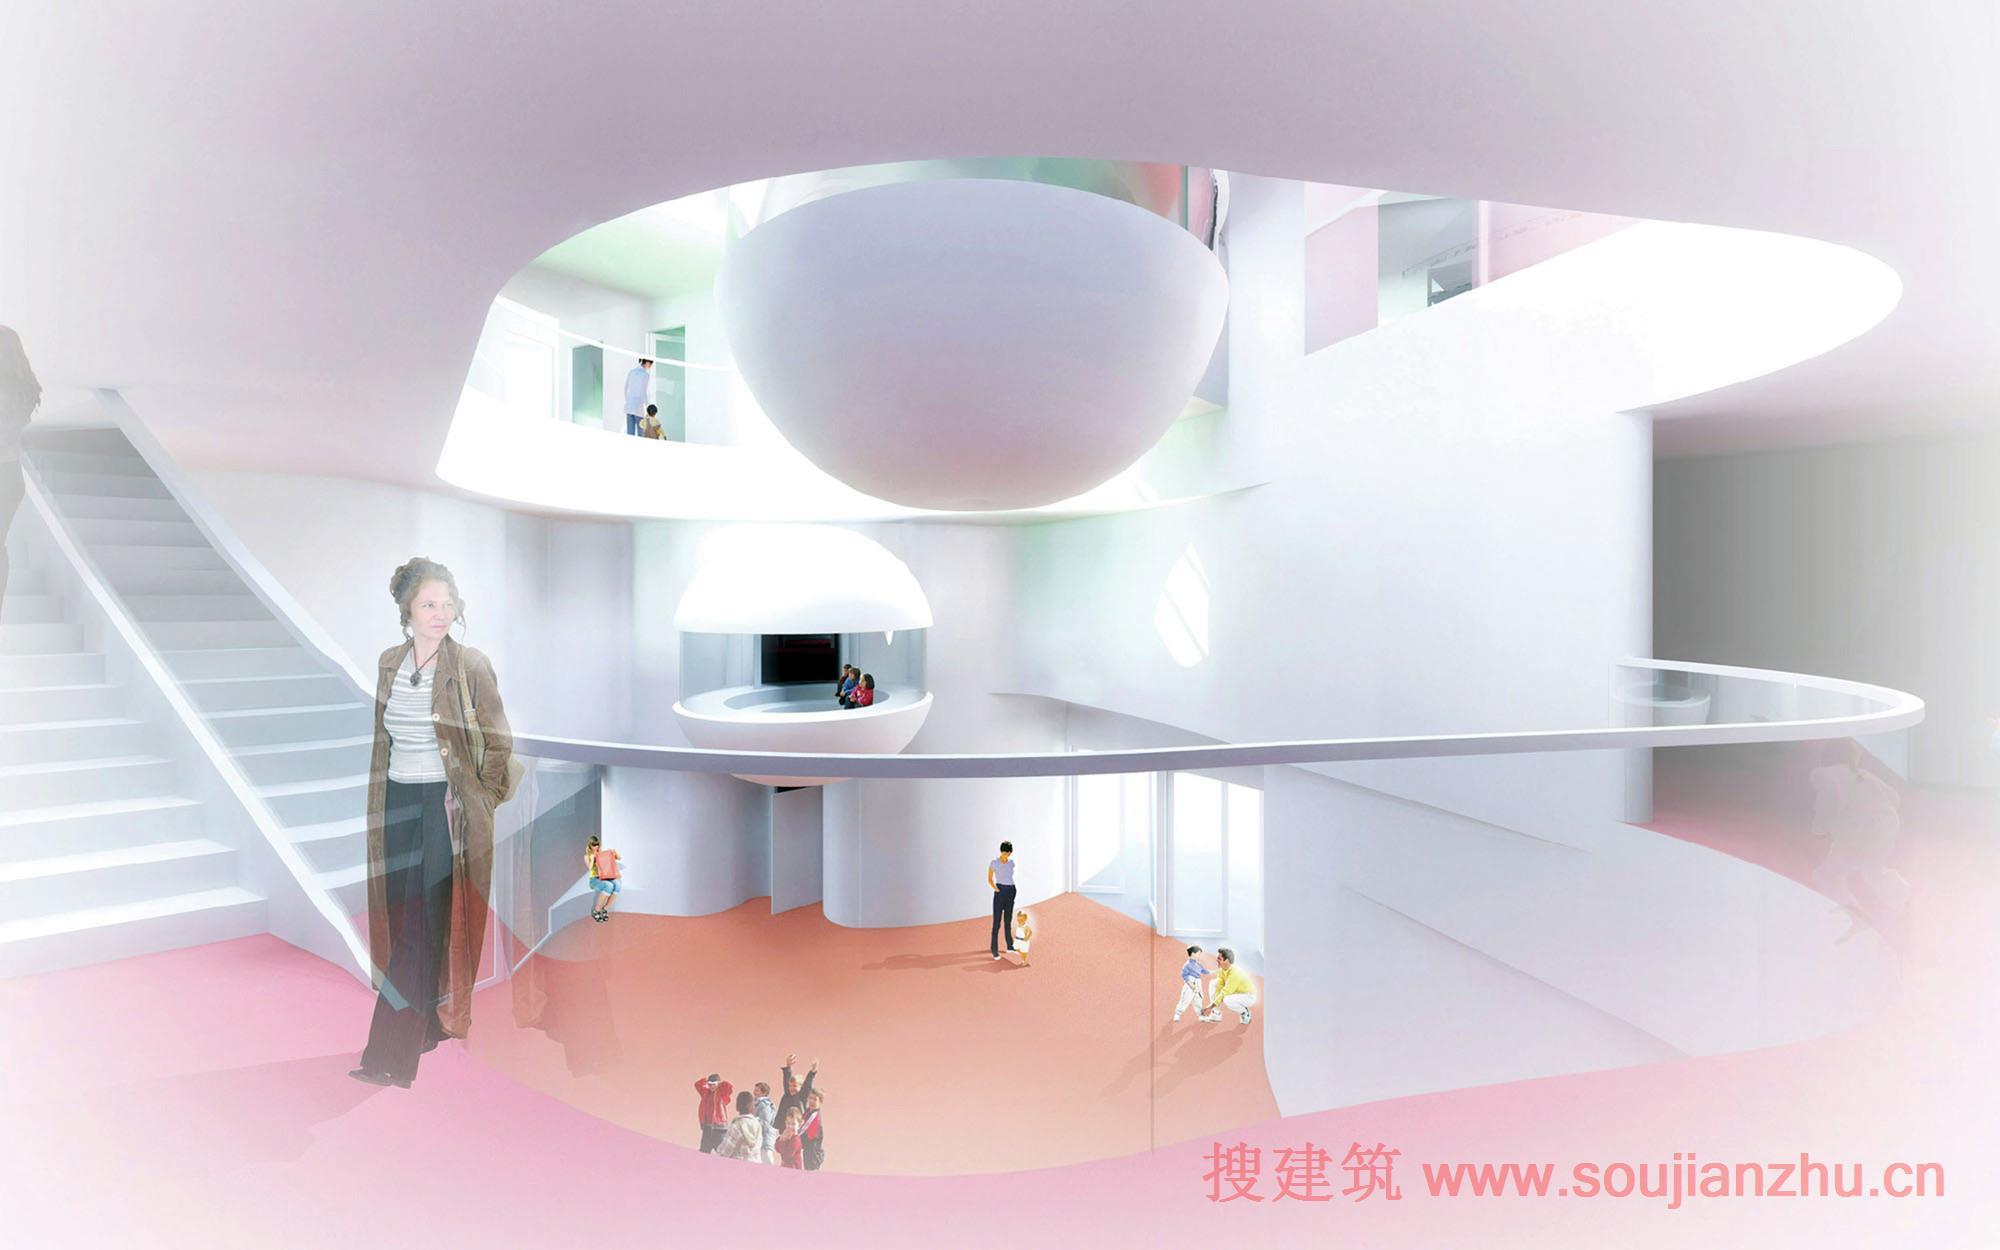 上海复旦大学图书馆_搜建筑网 -- 法国·Saint-Denis幼儿园和小学---Paul Le Quernec